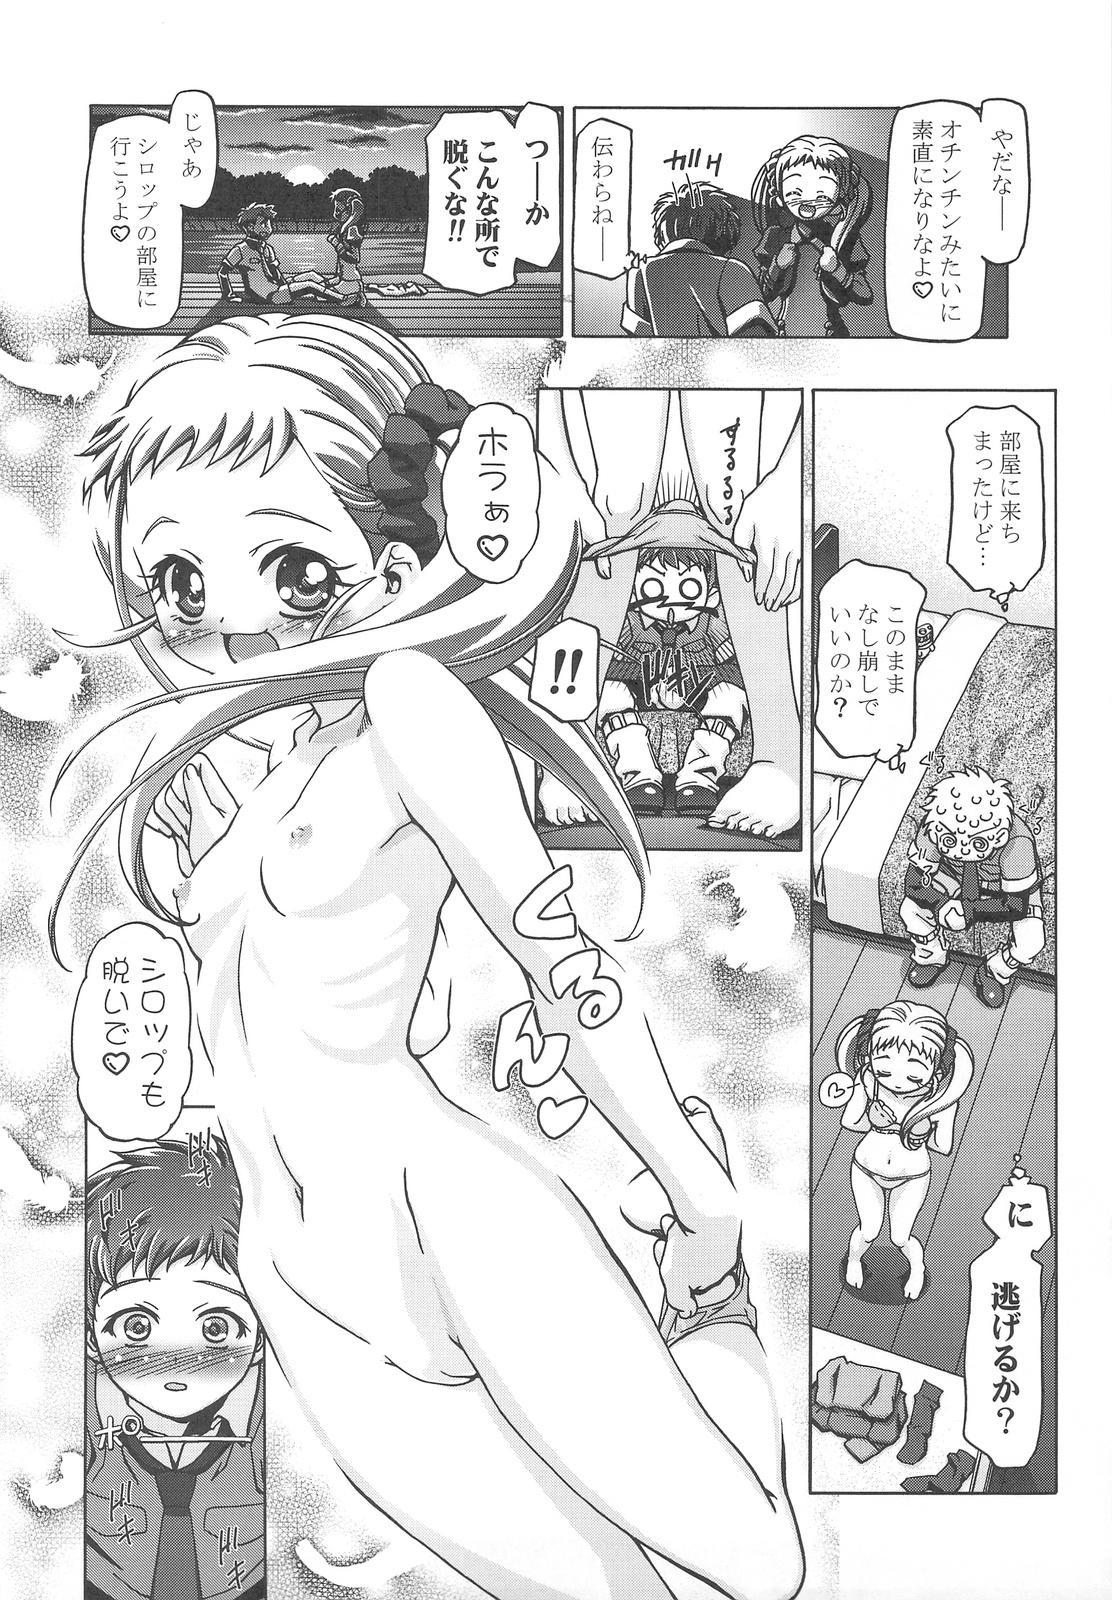 UraShiro 10